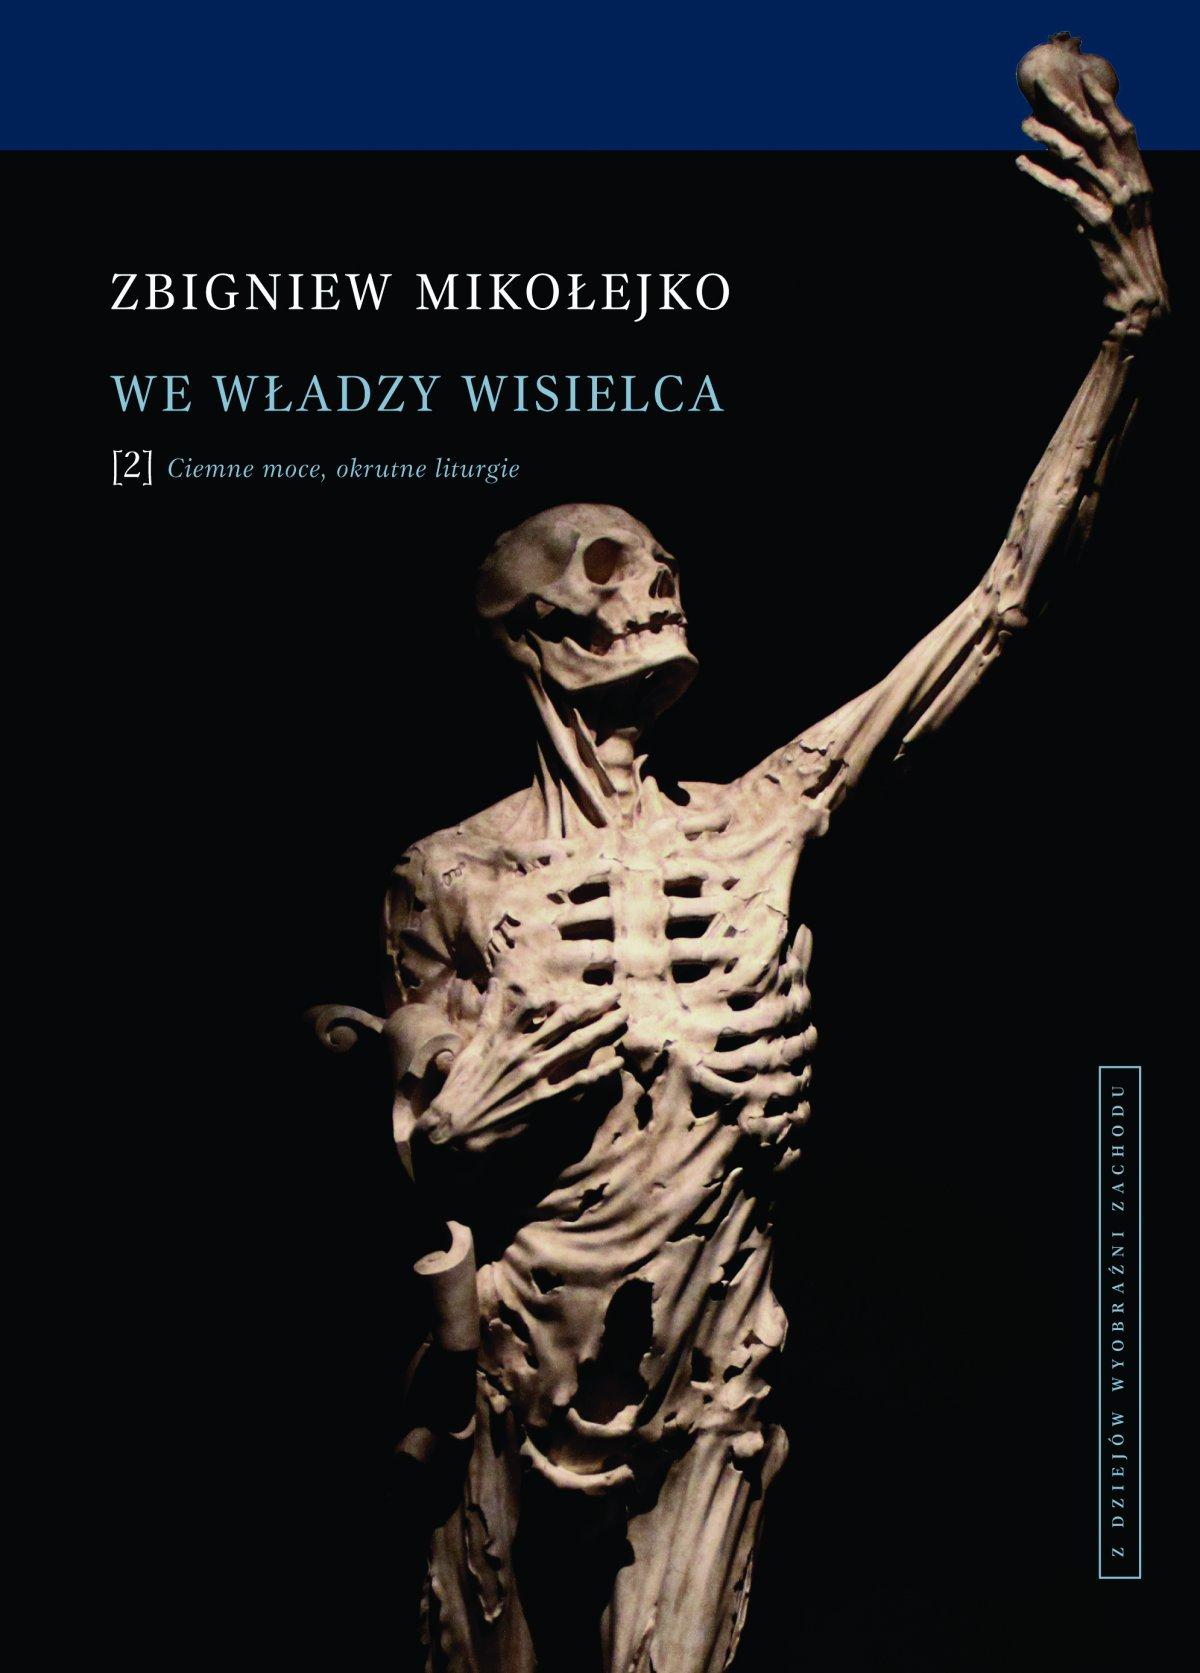 We władzy wisielca. Tom 2. Ciemne moce, okrutne liturgie - Ebook (Książka na Kindle) do pobrania w formacie MOBI